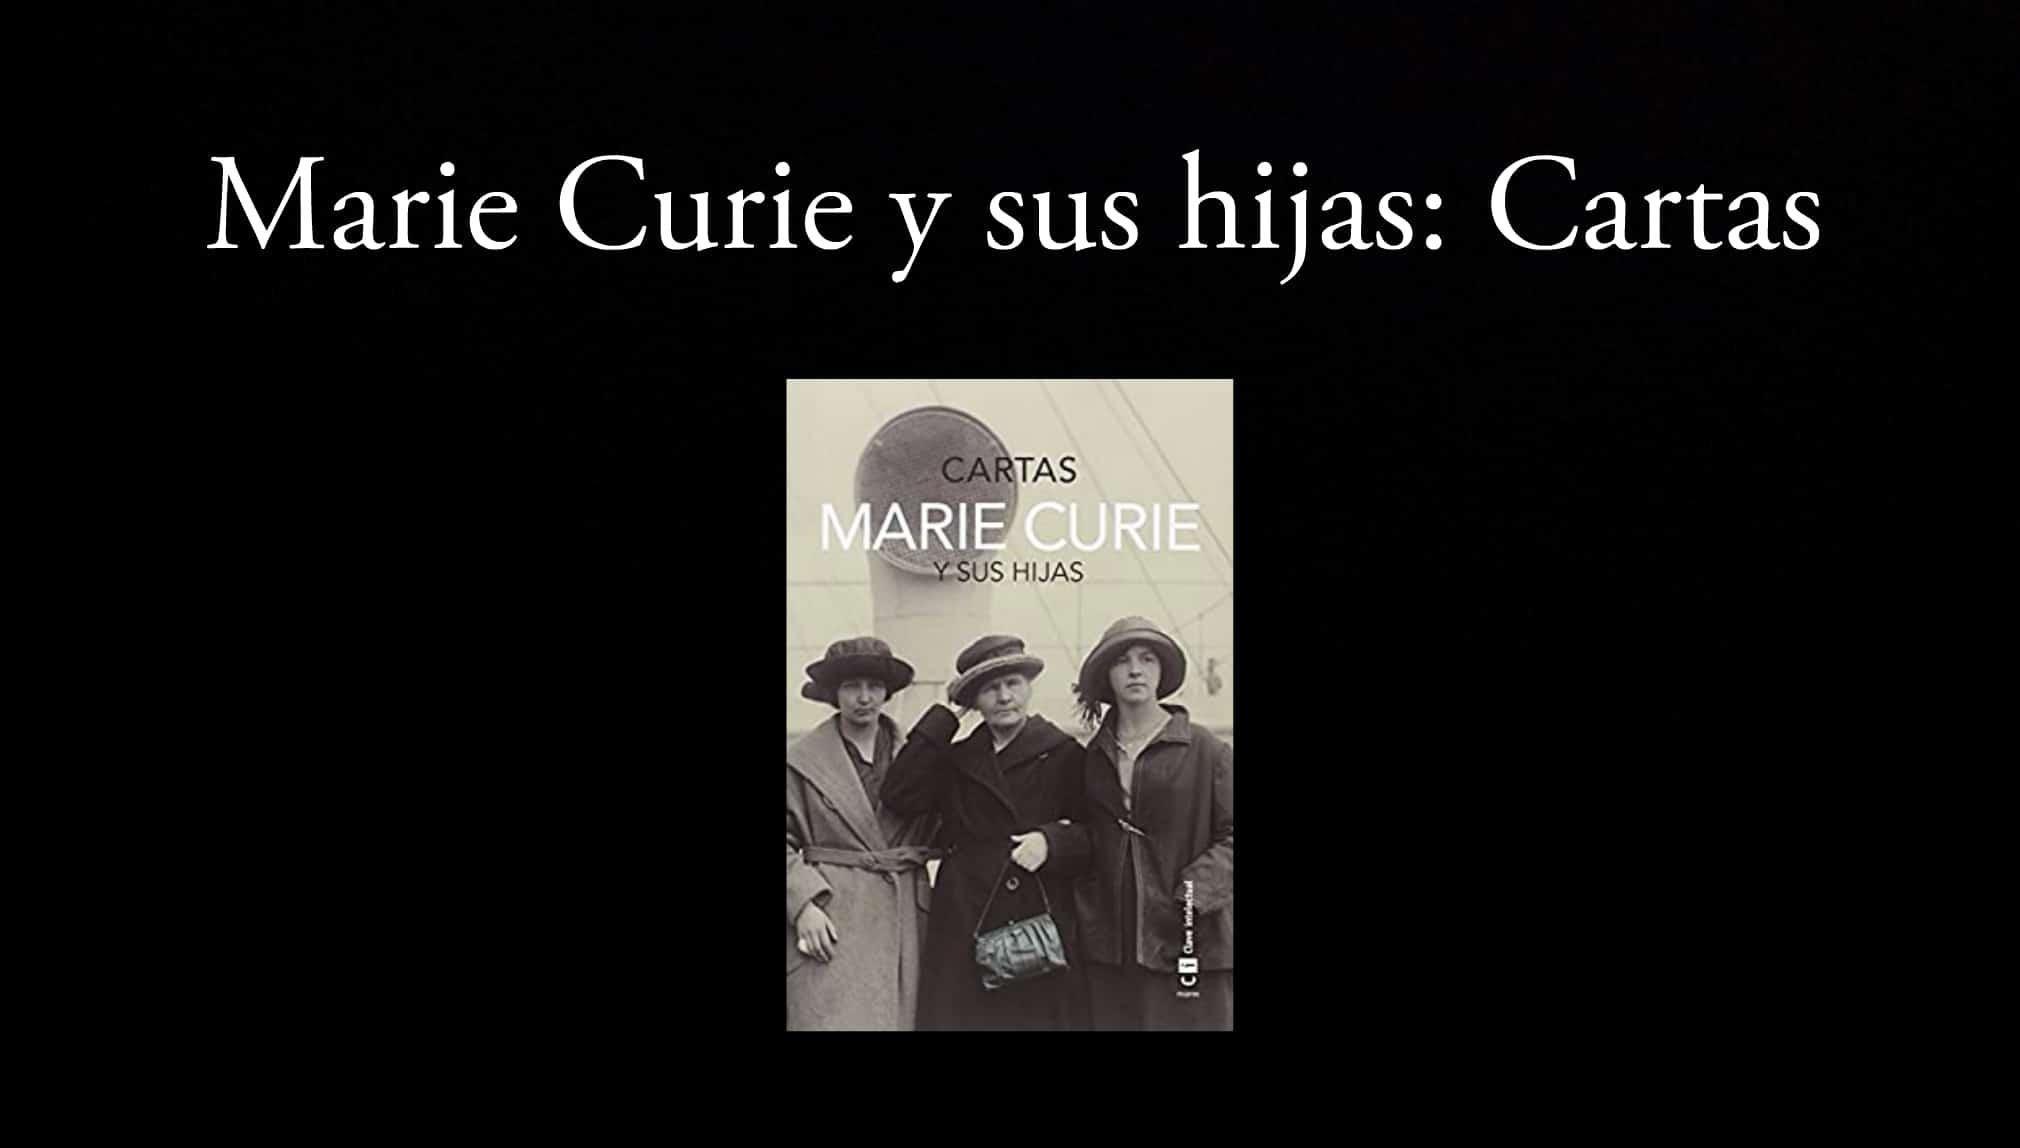 Marie Curie y sus hijas: Cartas.